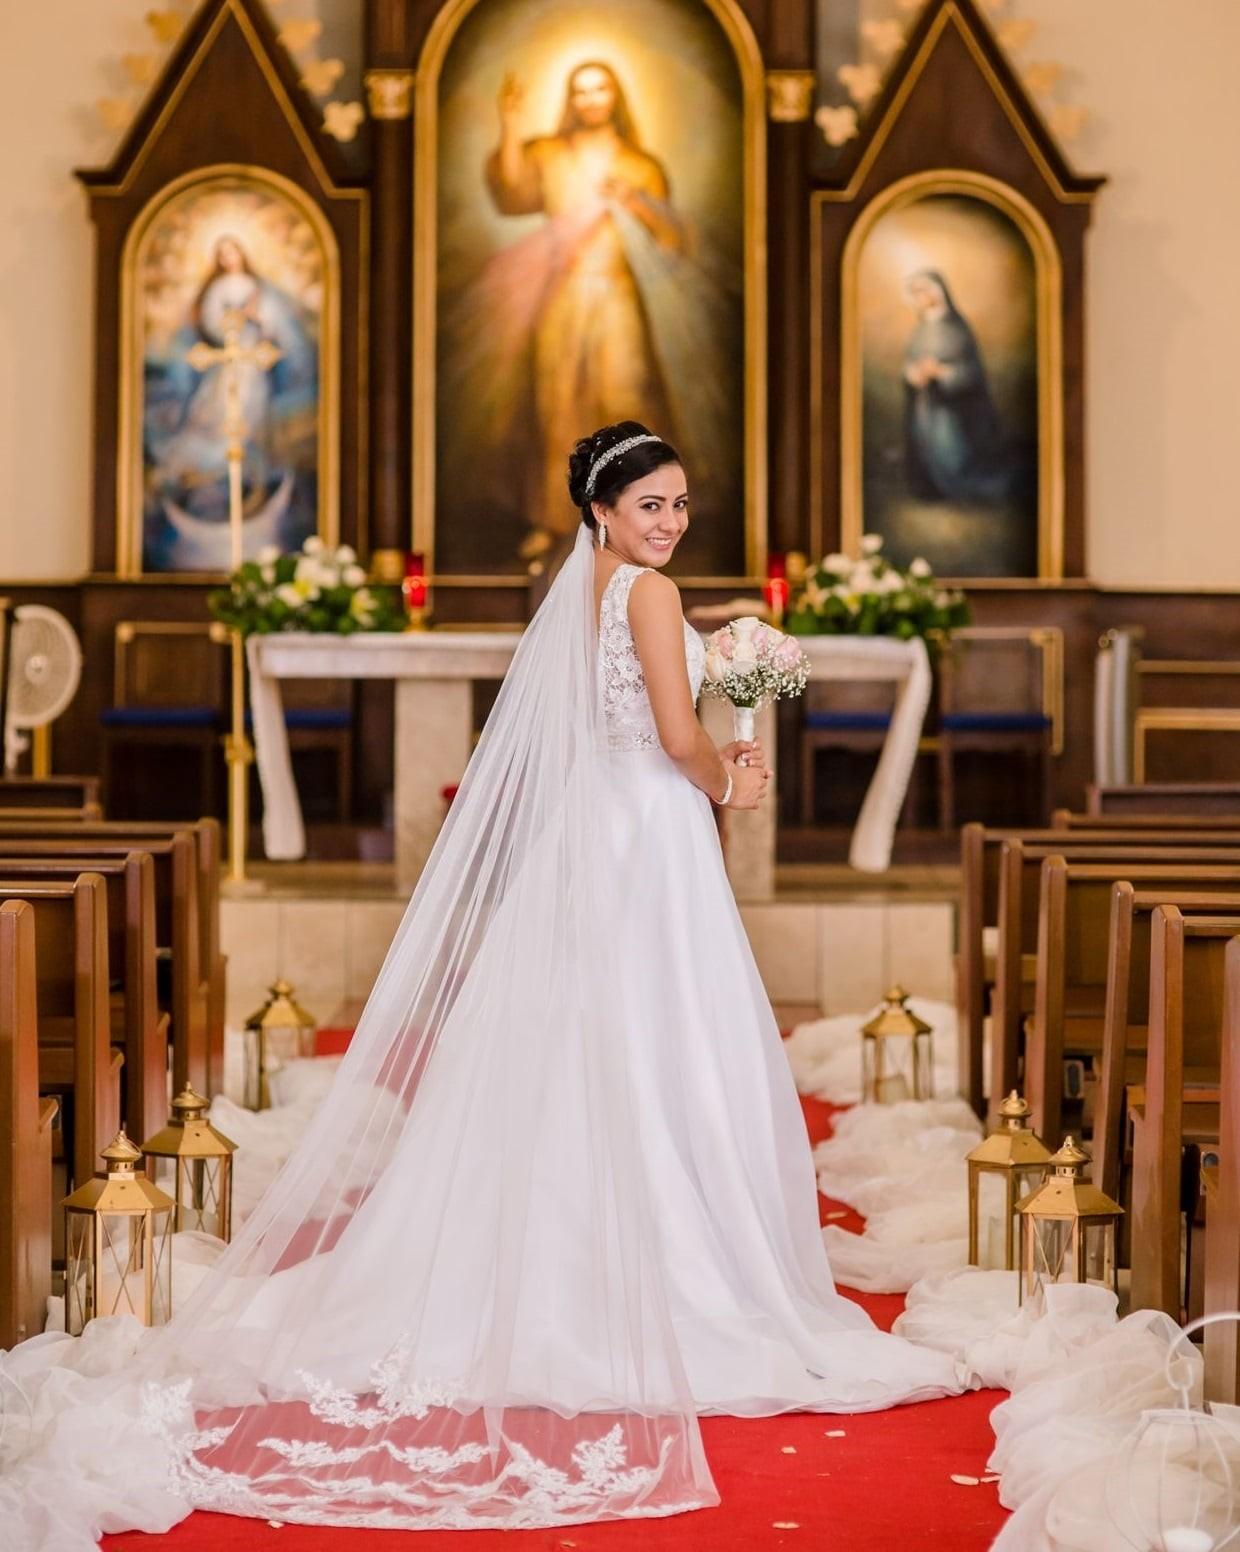 requisitos para casarse por la iglesia